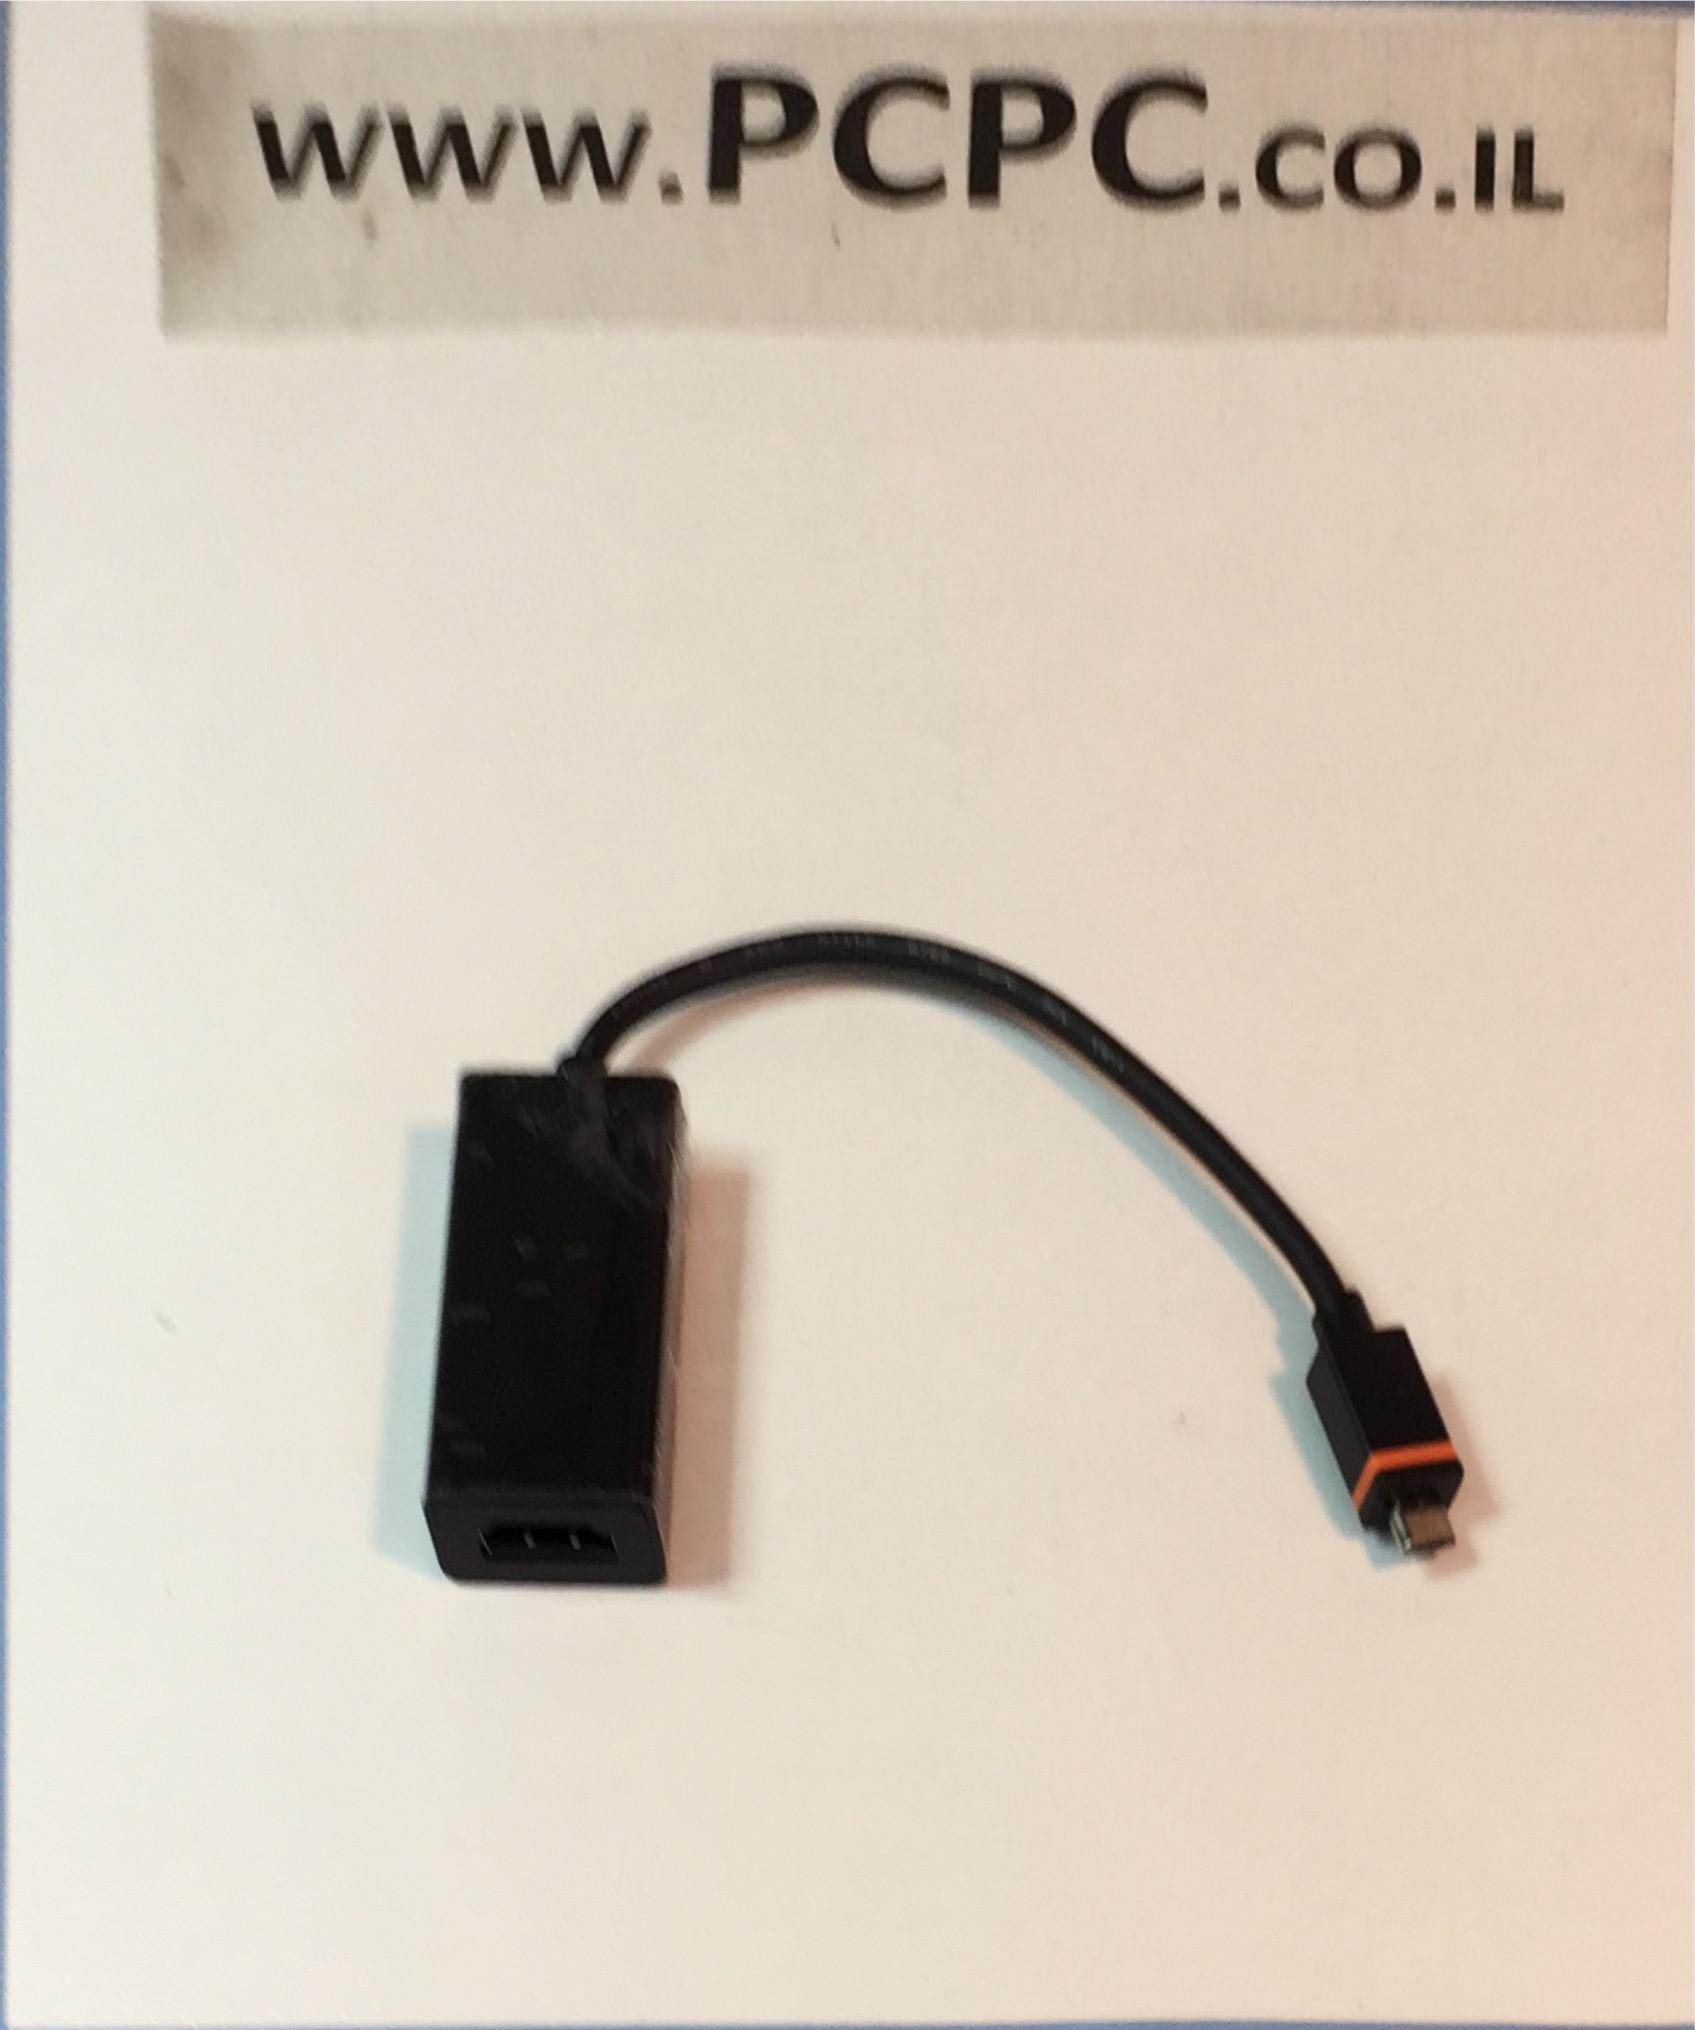 מתאם HDMI נקבה למיקרו USB זכר מתאים ל טלפונים LG-NEXUS